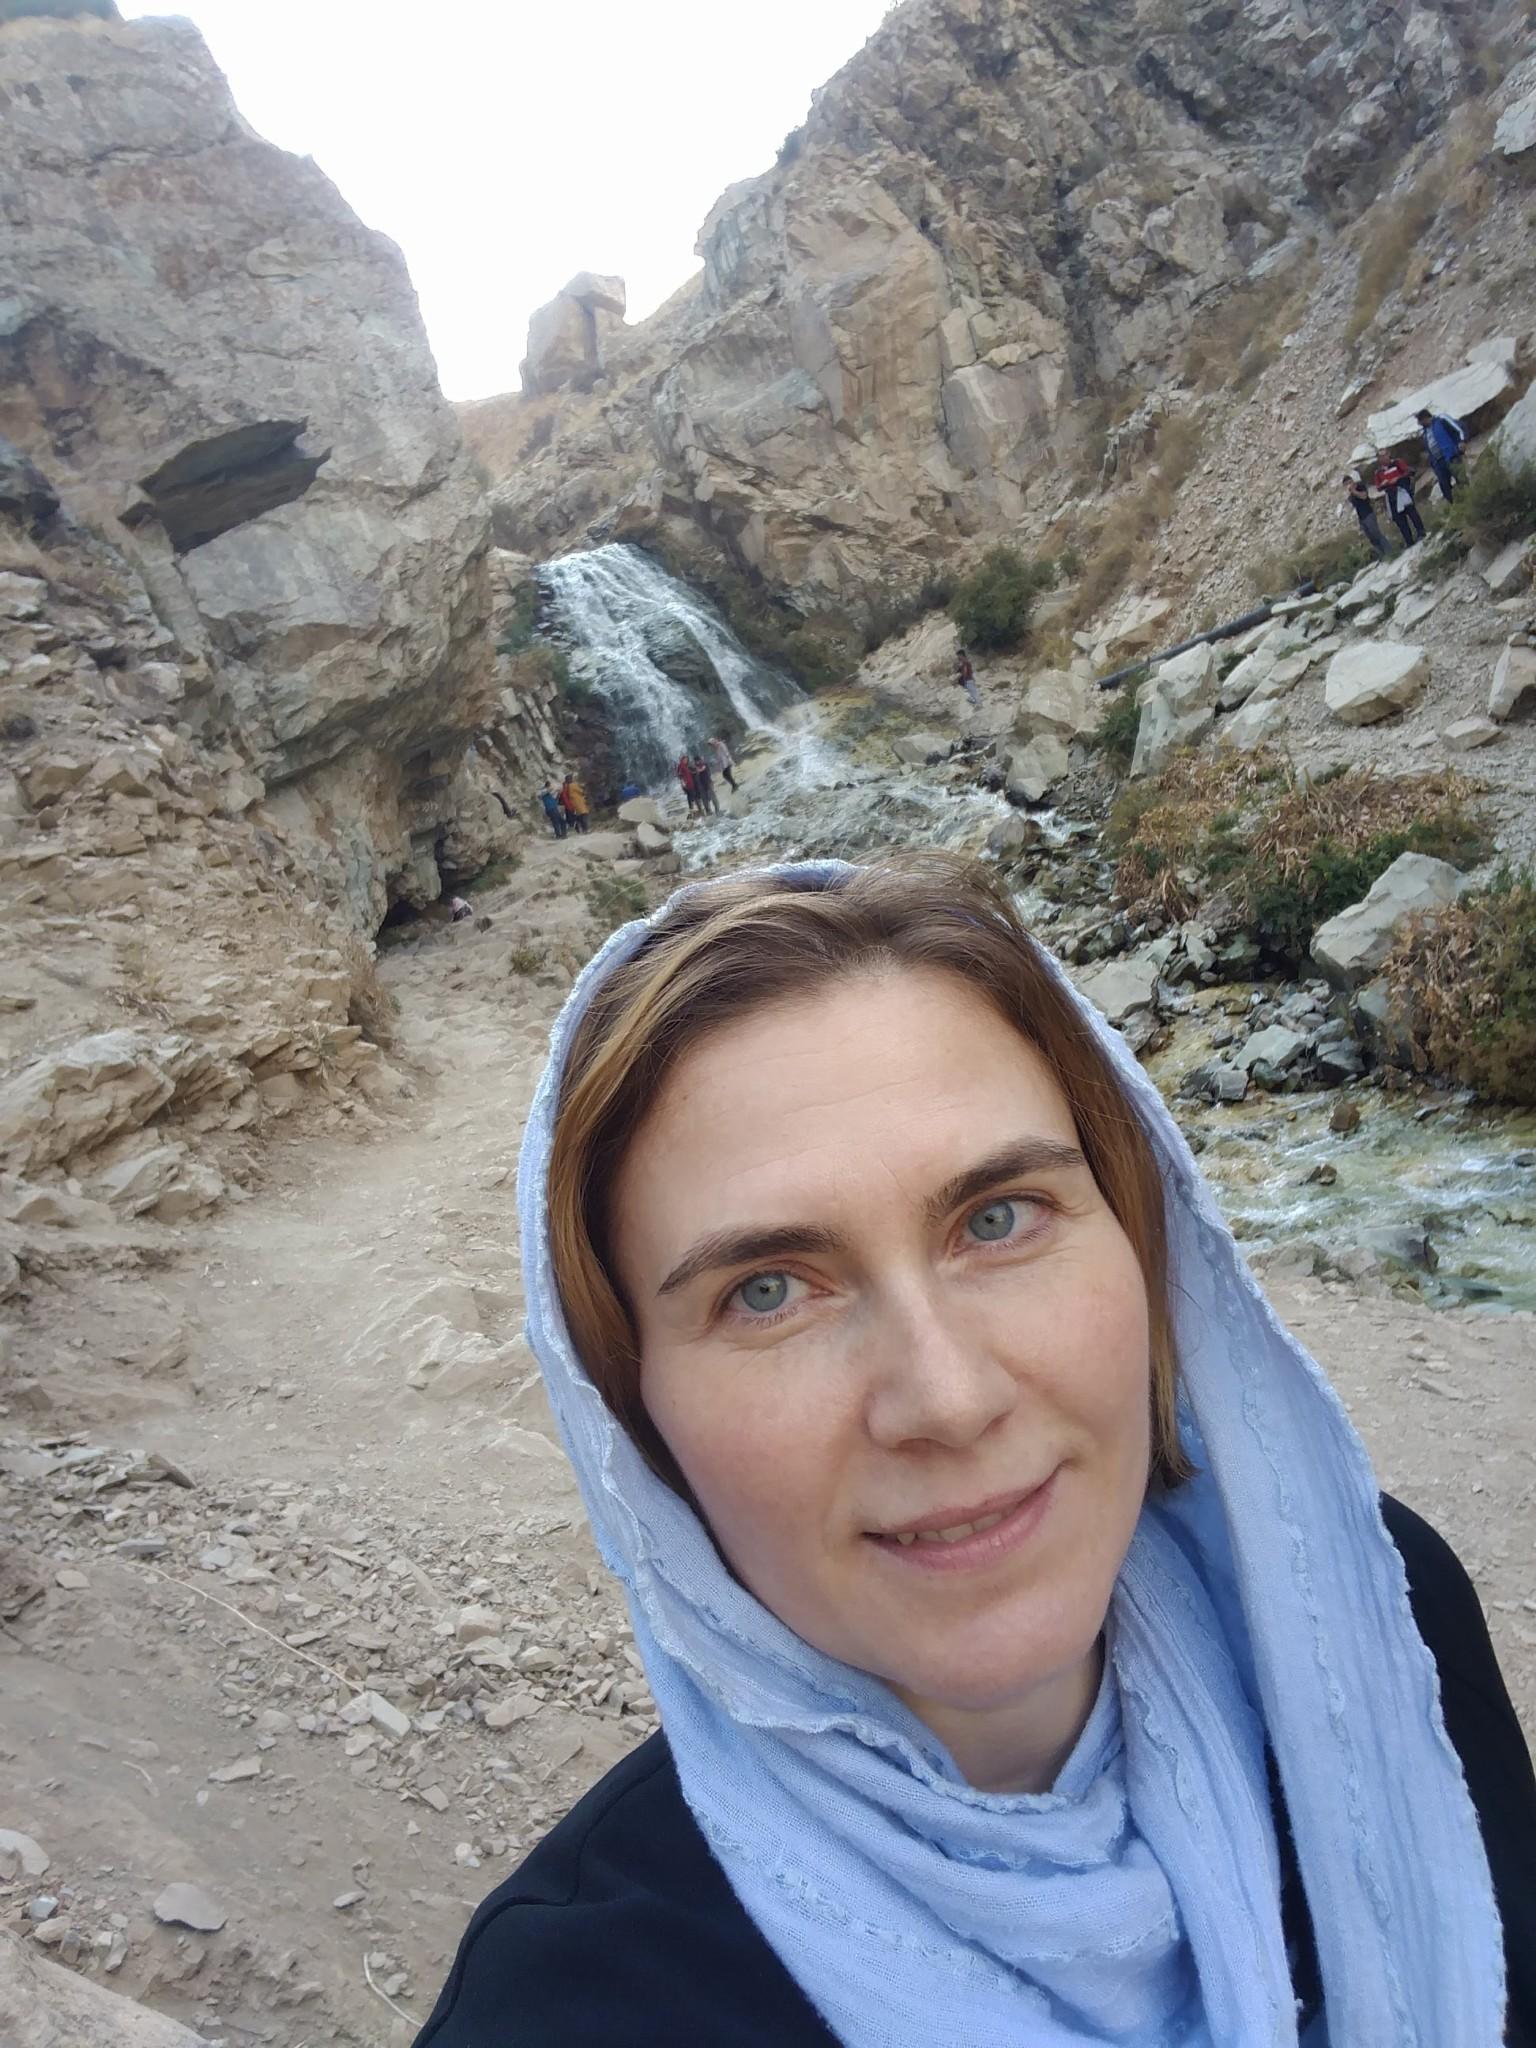 Silvia Richter_Iran_Shekarab_Oktober 2019 von